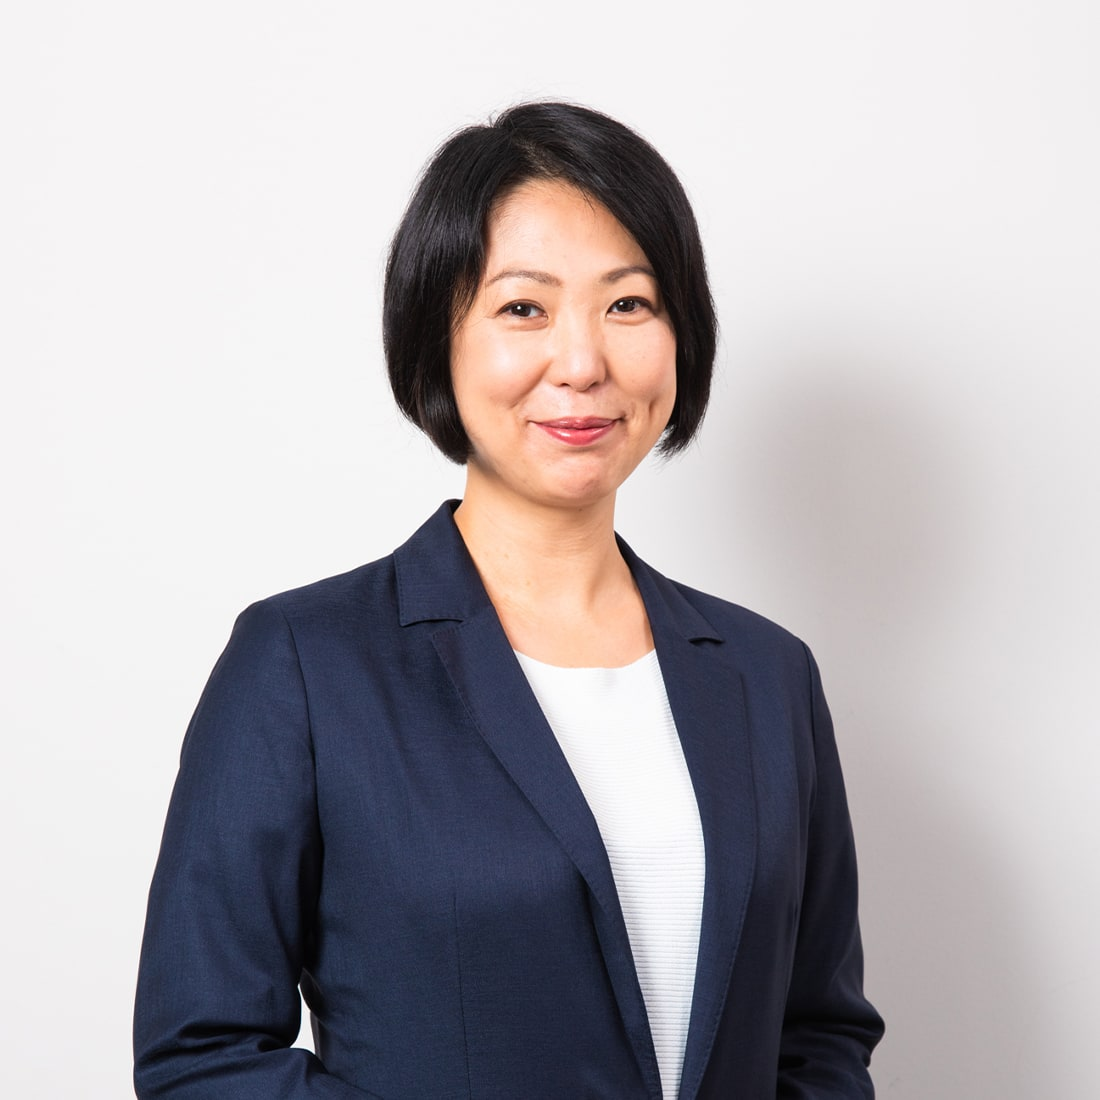 Izumi Matsuzaki